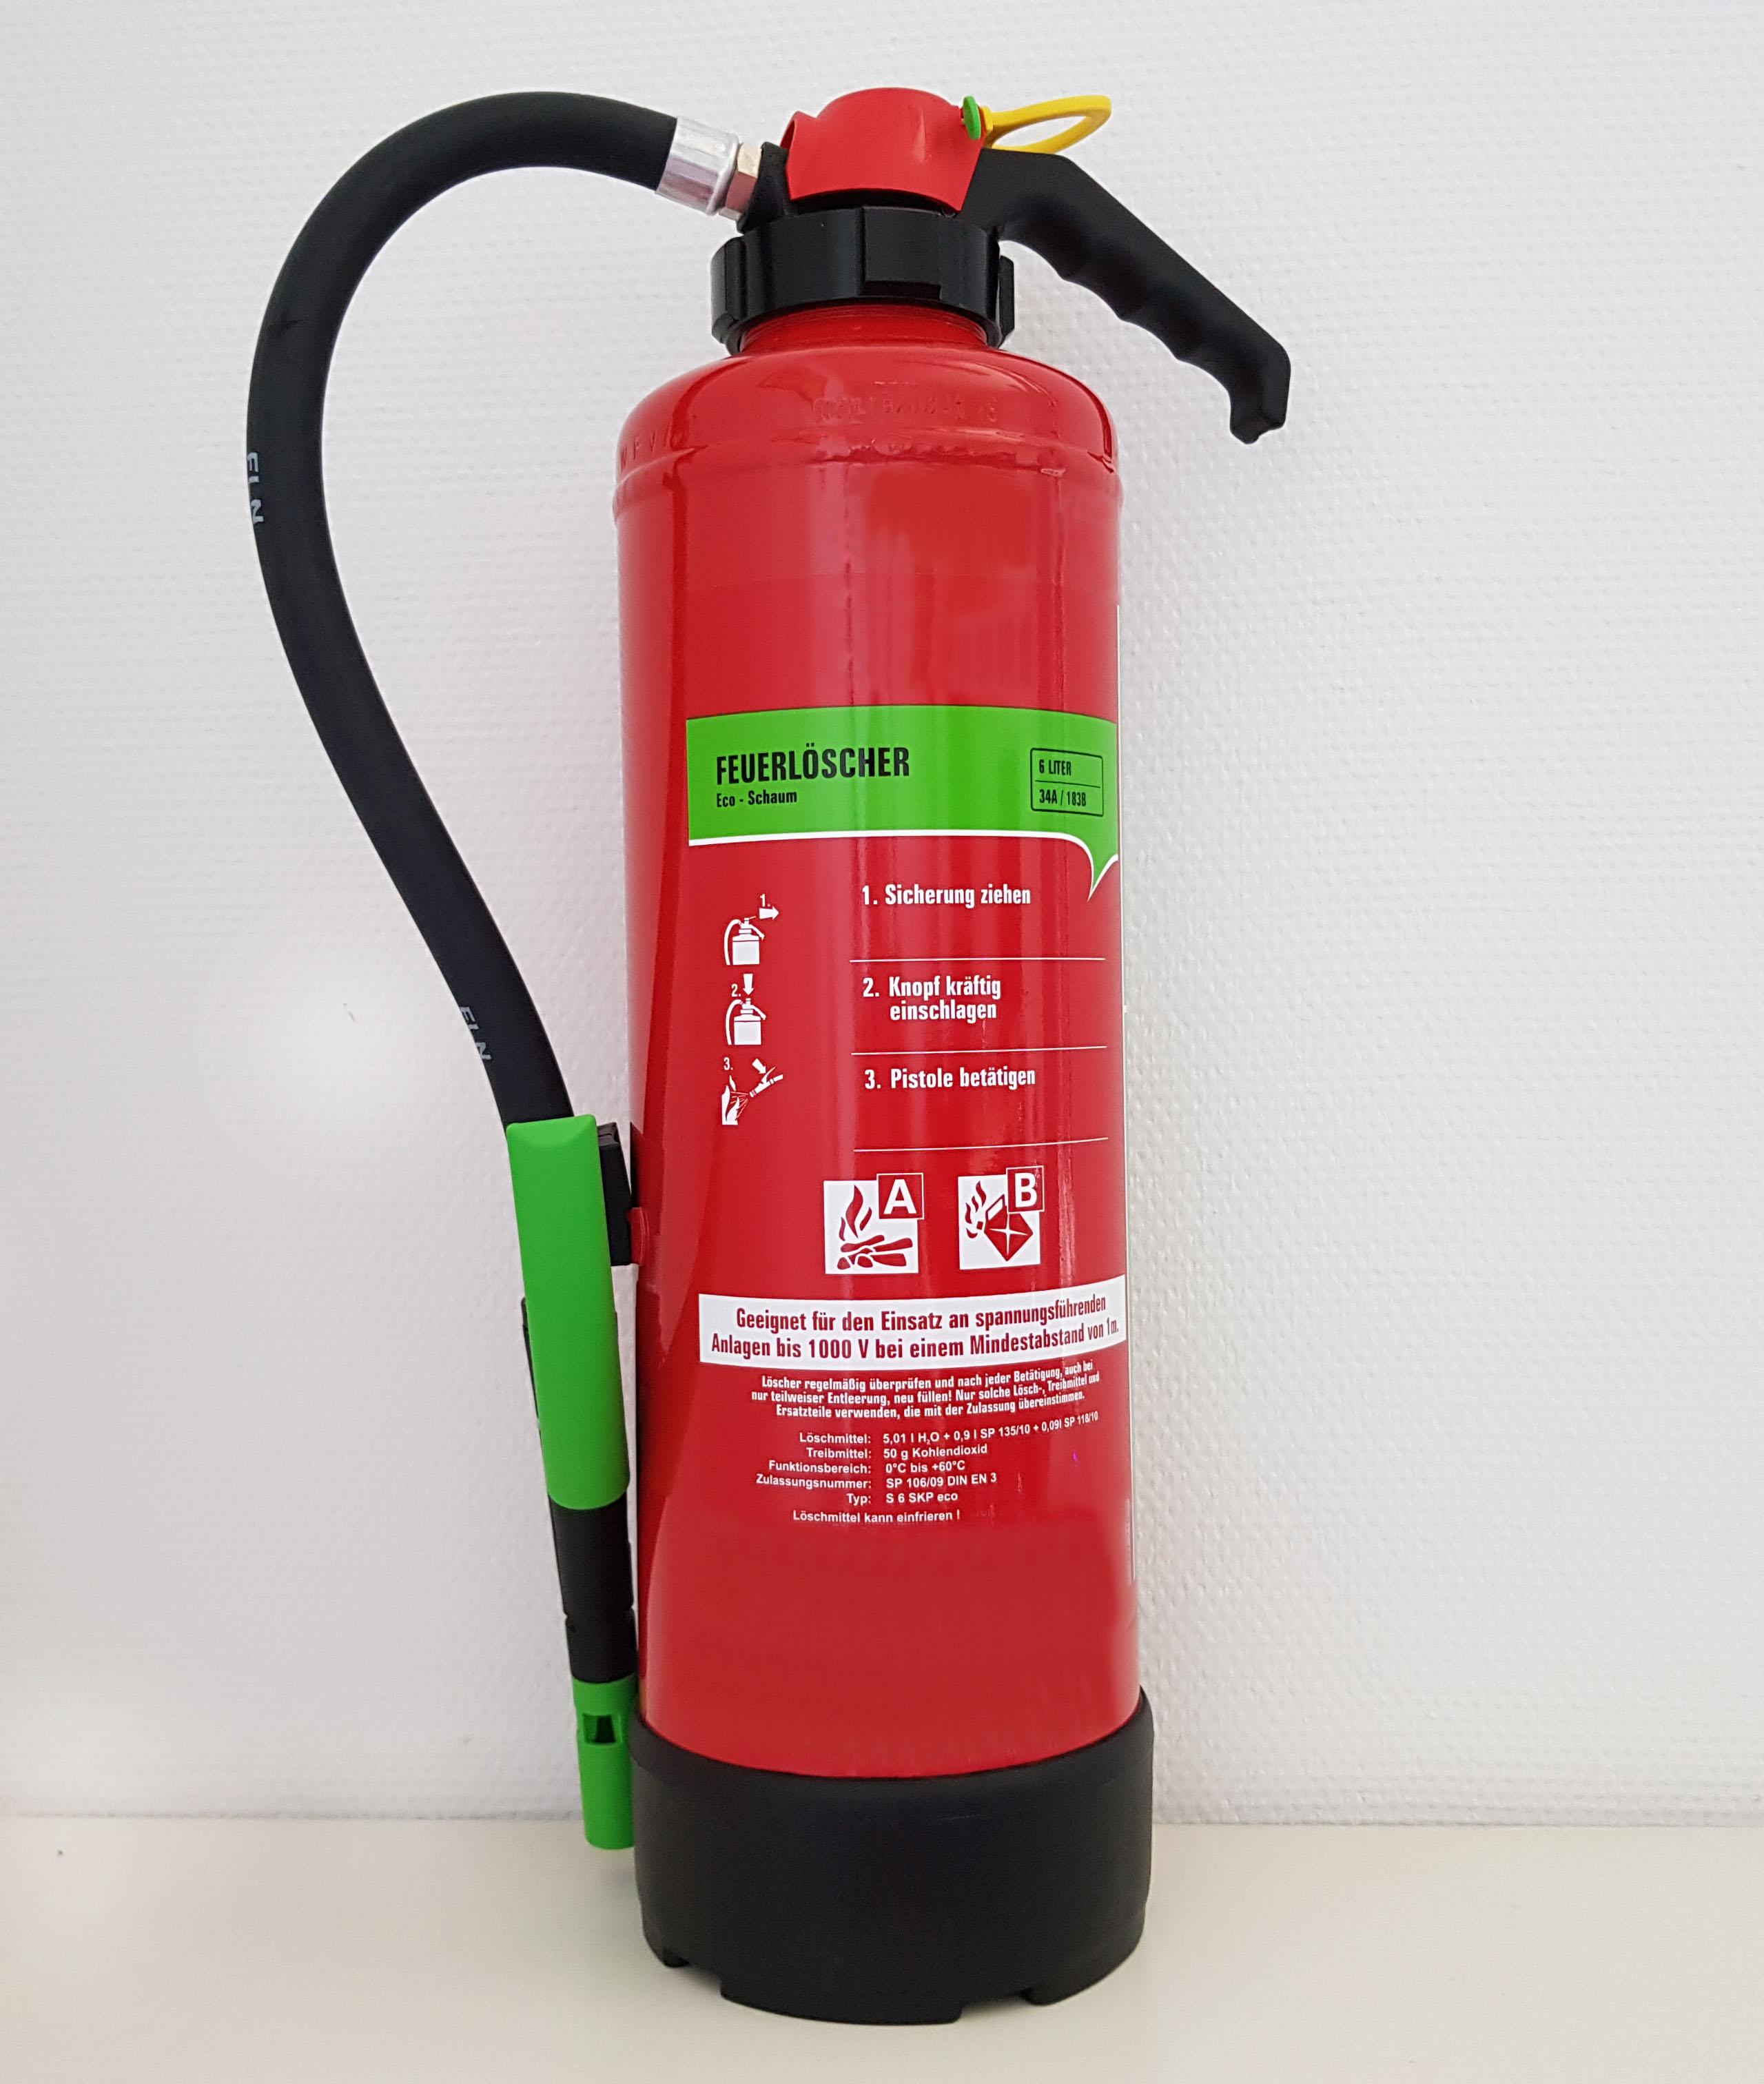 ECO / Green Feuerlöscher Brandschutz CWS Fire Safety